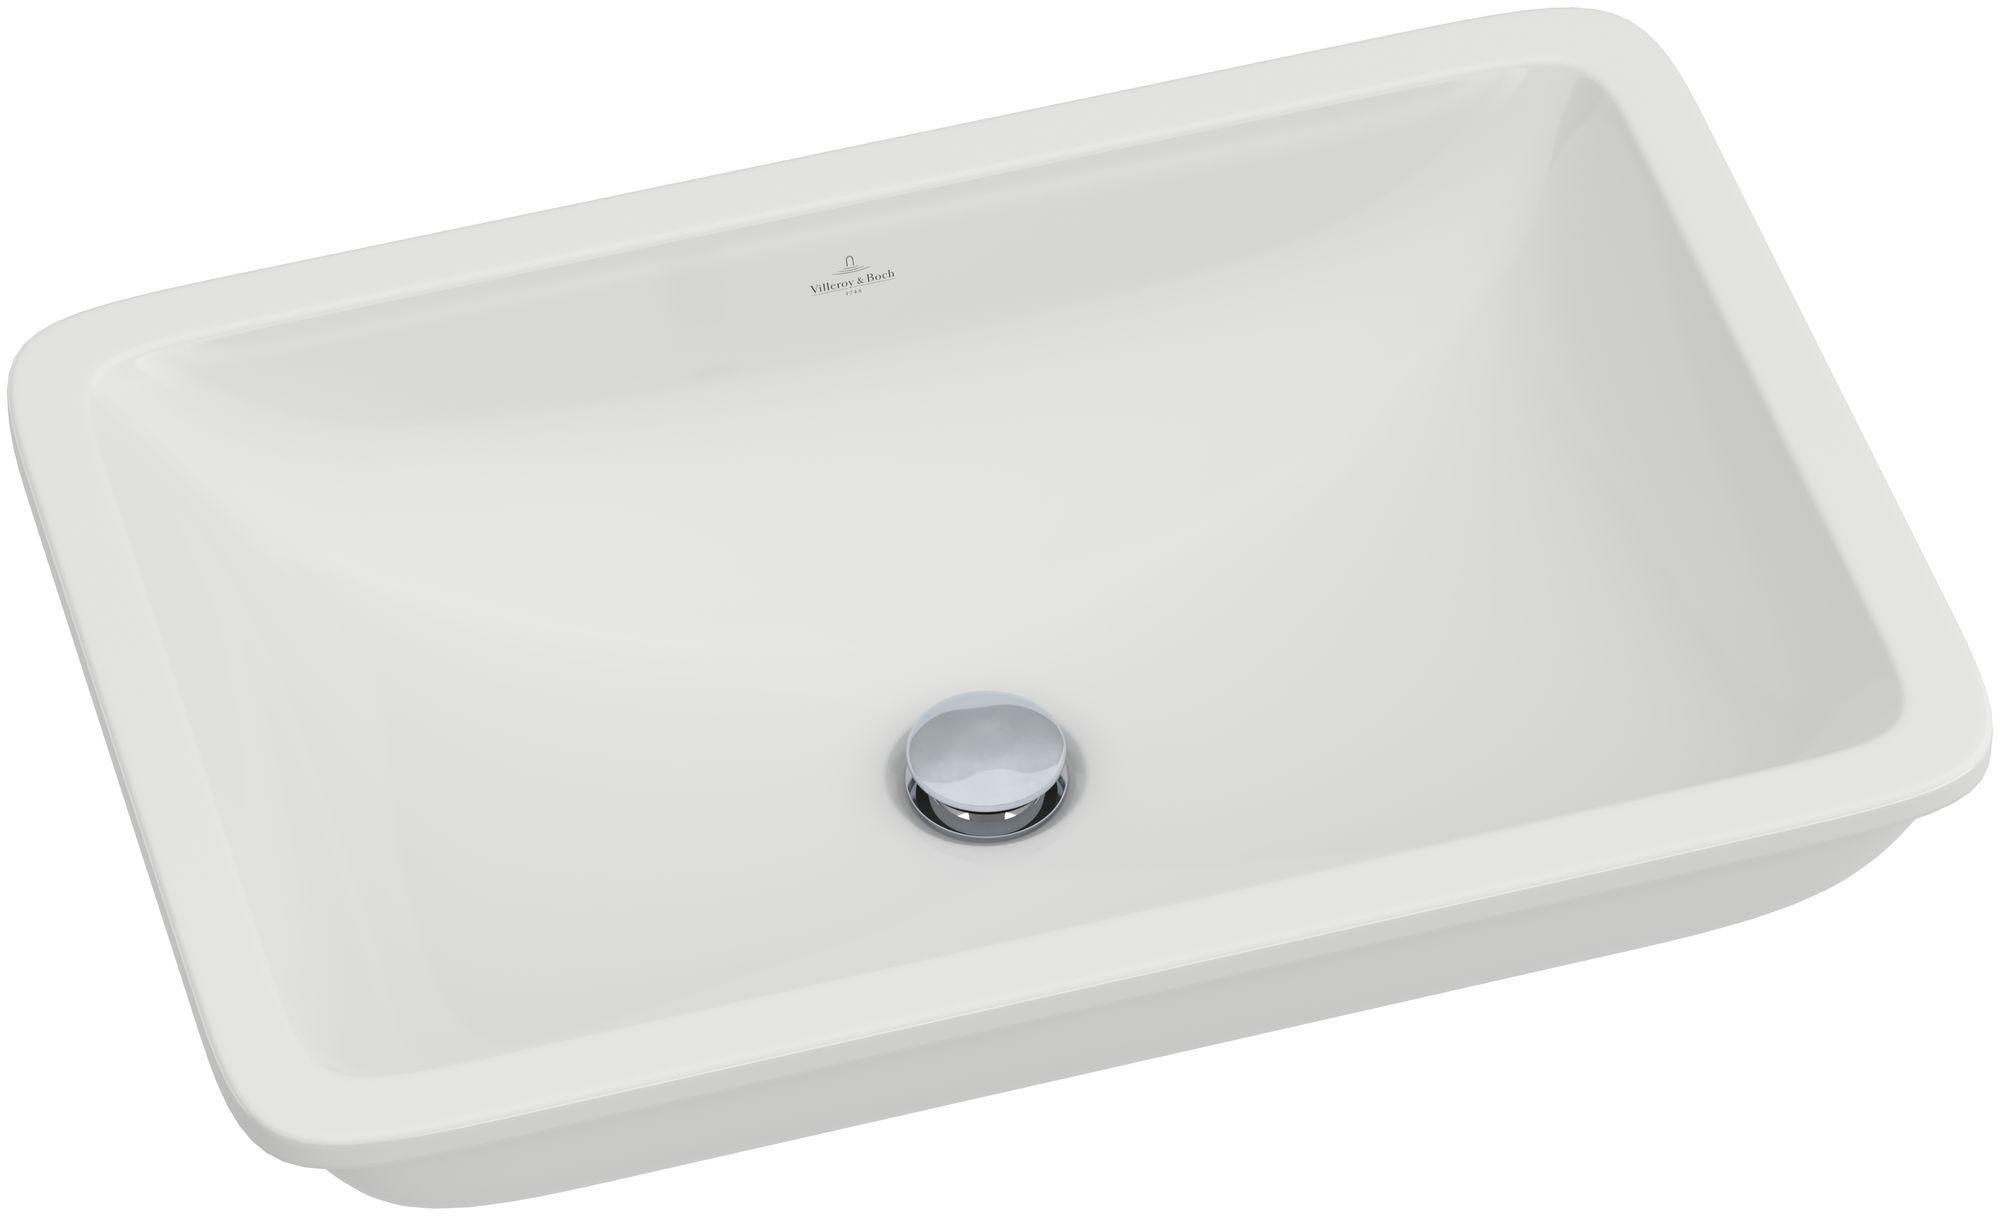 Villeroy & Boch Loop & Friends Unterbauwaschtisch B:61,5xT:39cm ohne Hahnloch mit Überlauf weiß mit Ceramicplus 616320R1